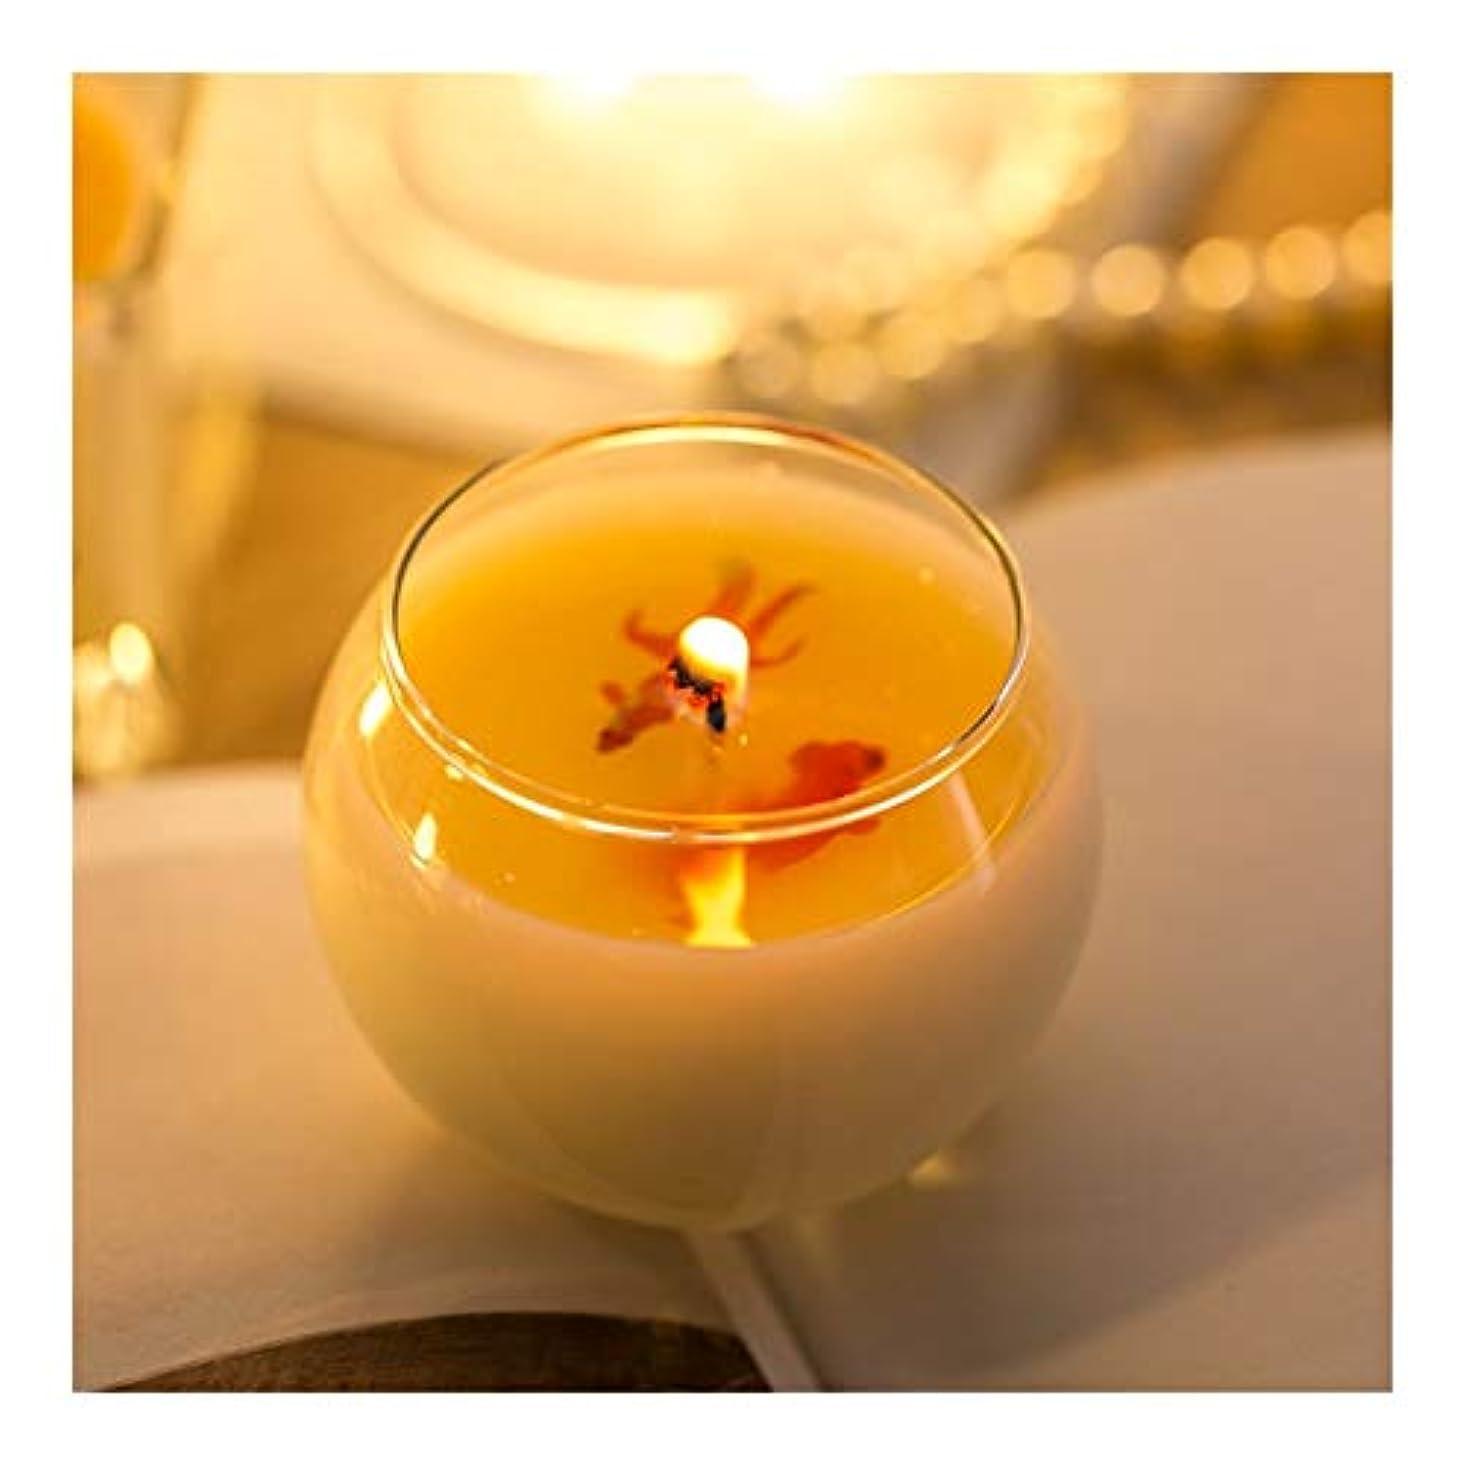 Guomao 小箱入りアロマゴールドフィッシュキャンドルロマンチックホリデーギフトピュアカラーゴールドフィッシュキャンドル (色 : Green tea)